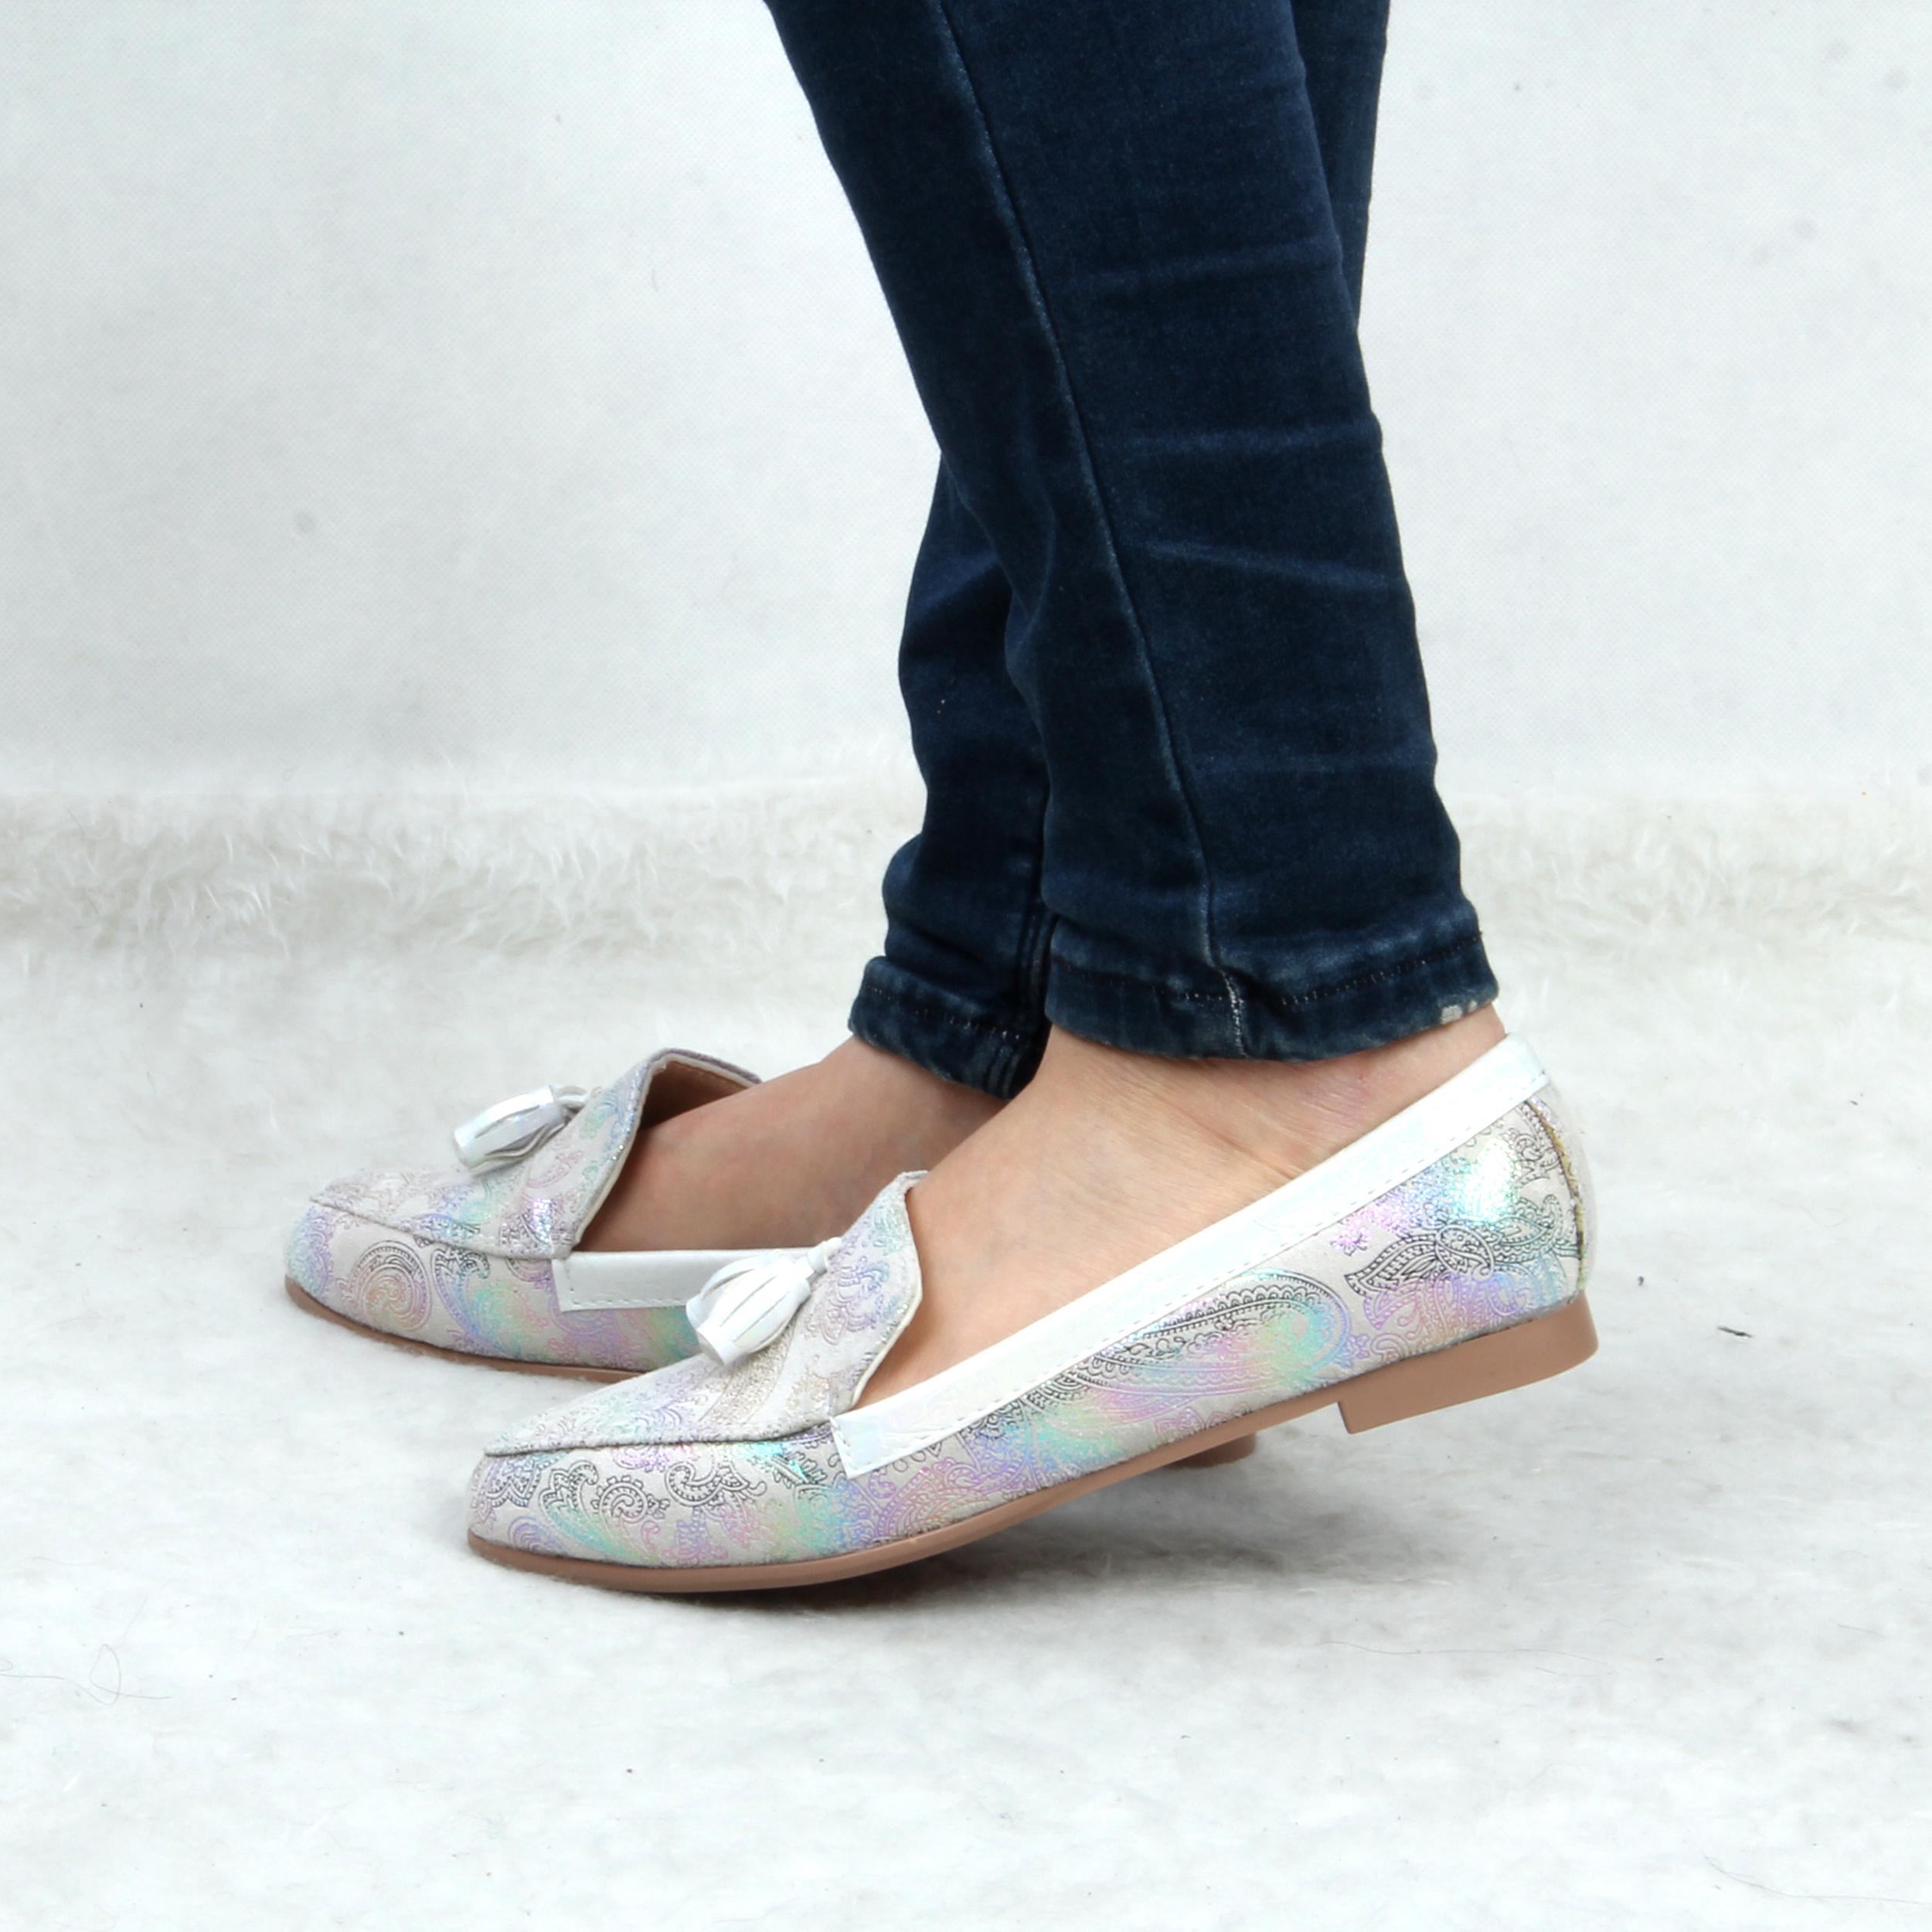 ست کیف و کفش زنانه کد st214 main 1 10